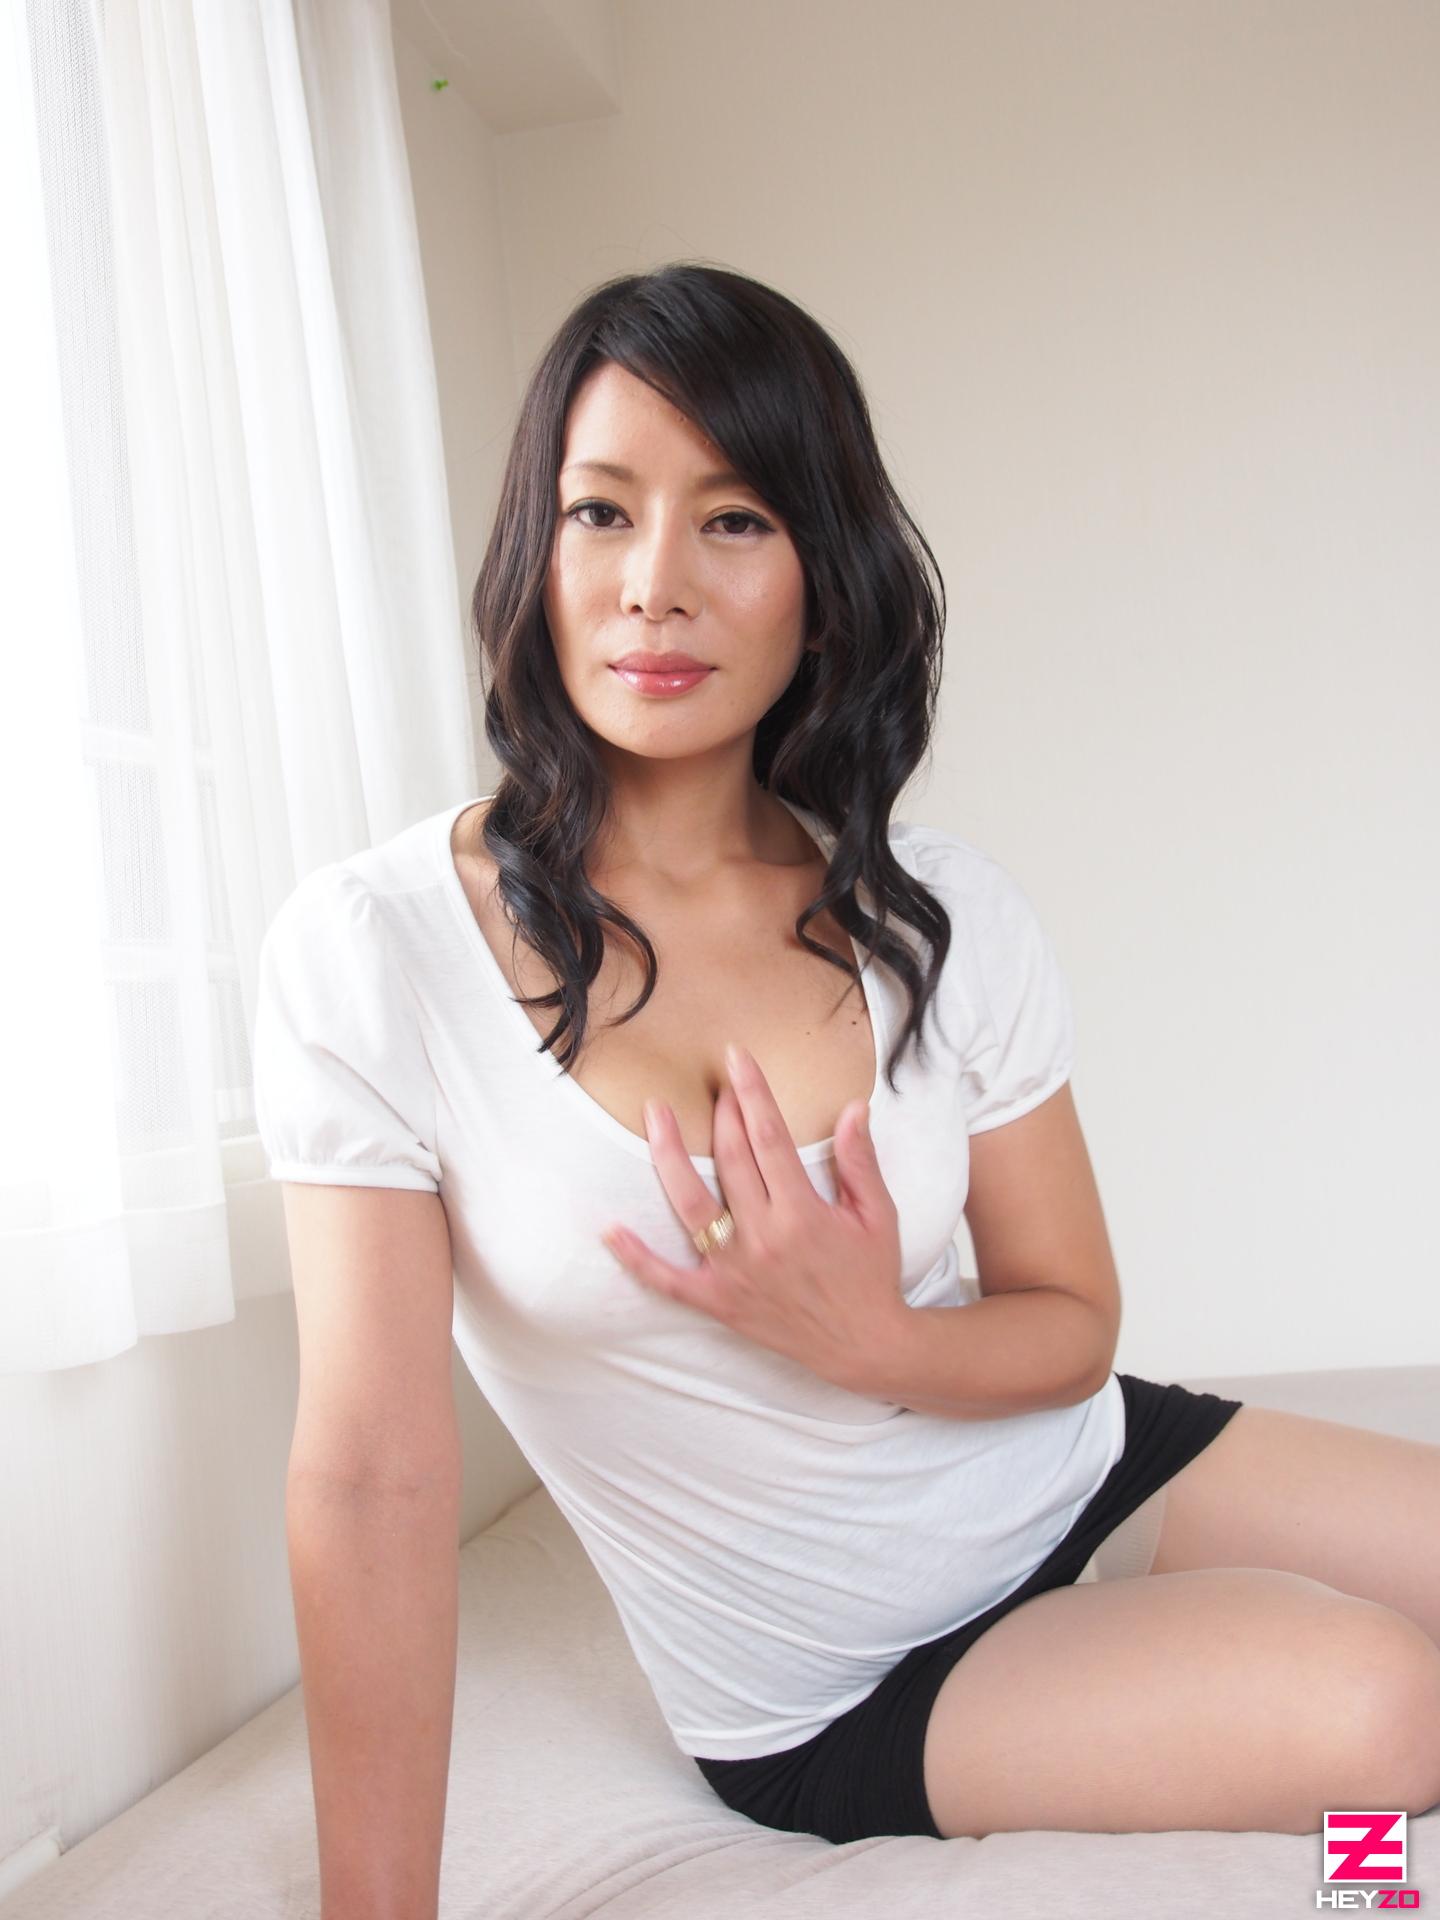 澤田 沙也加 40歳